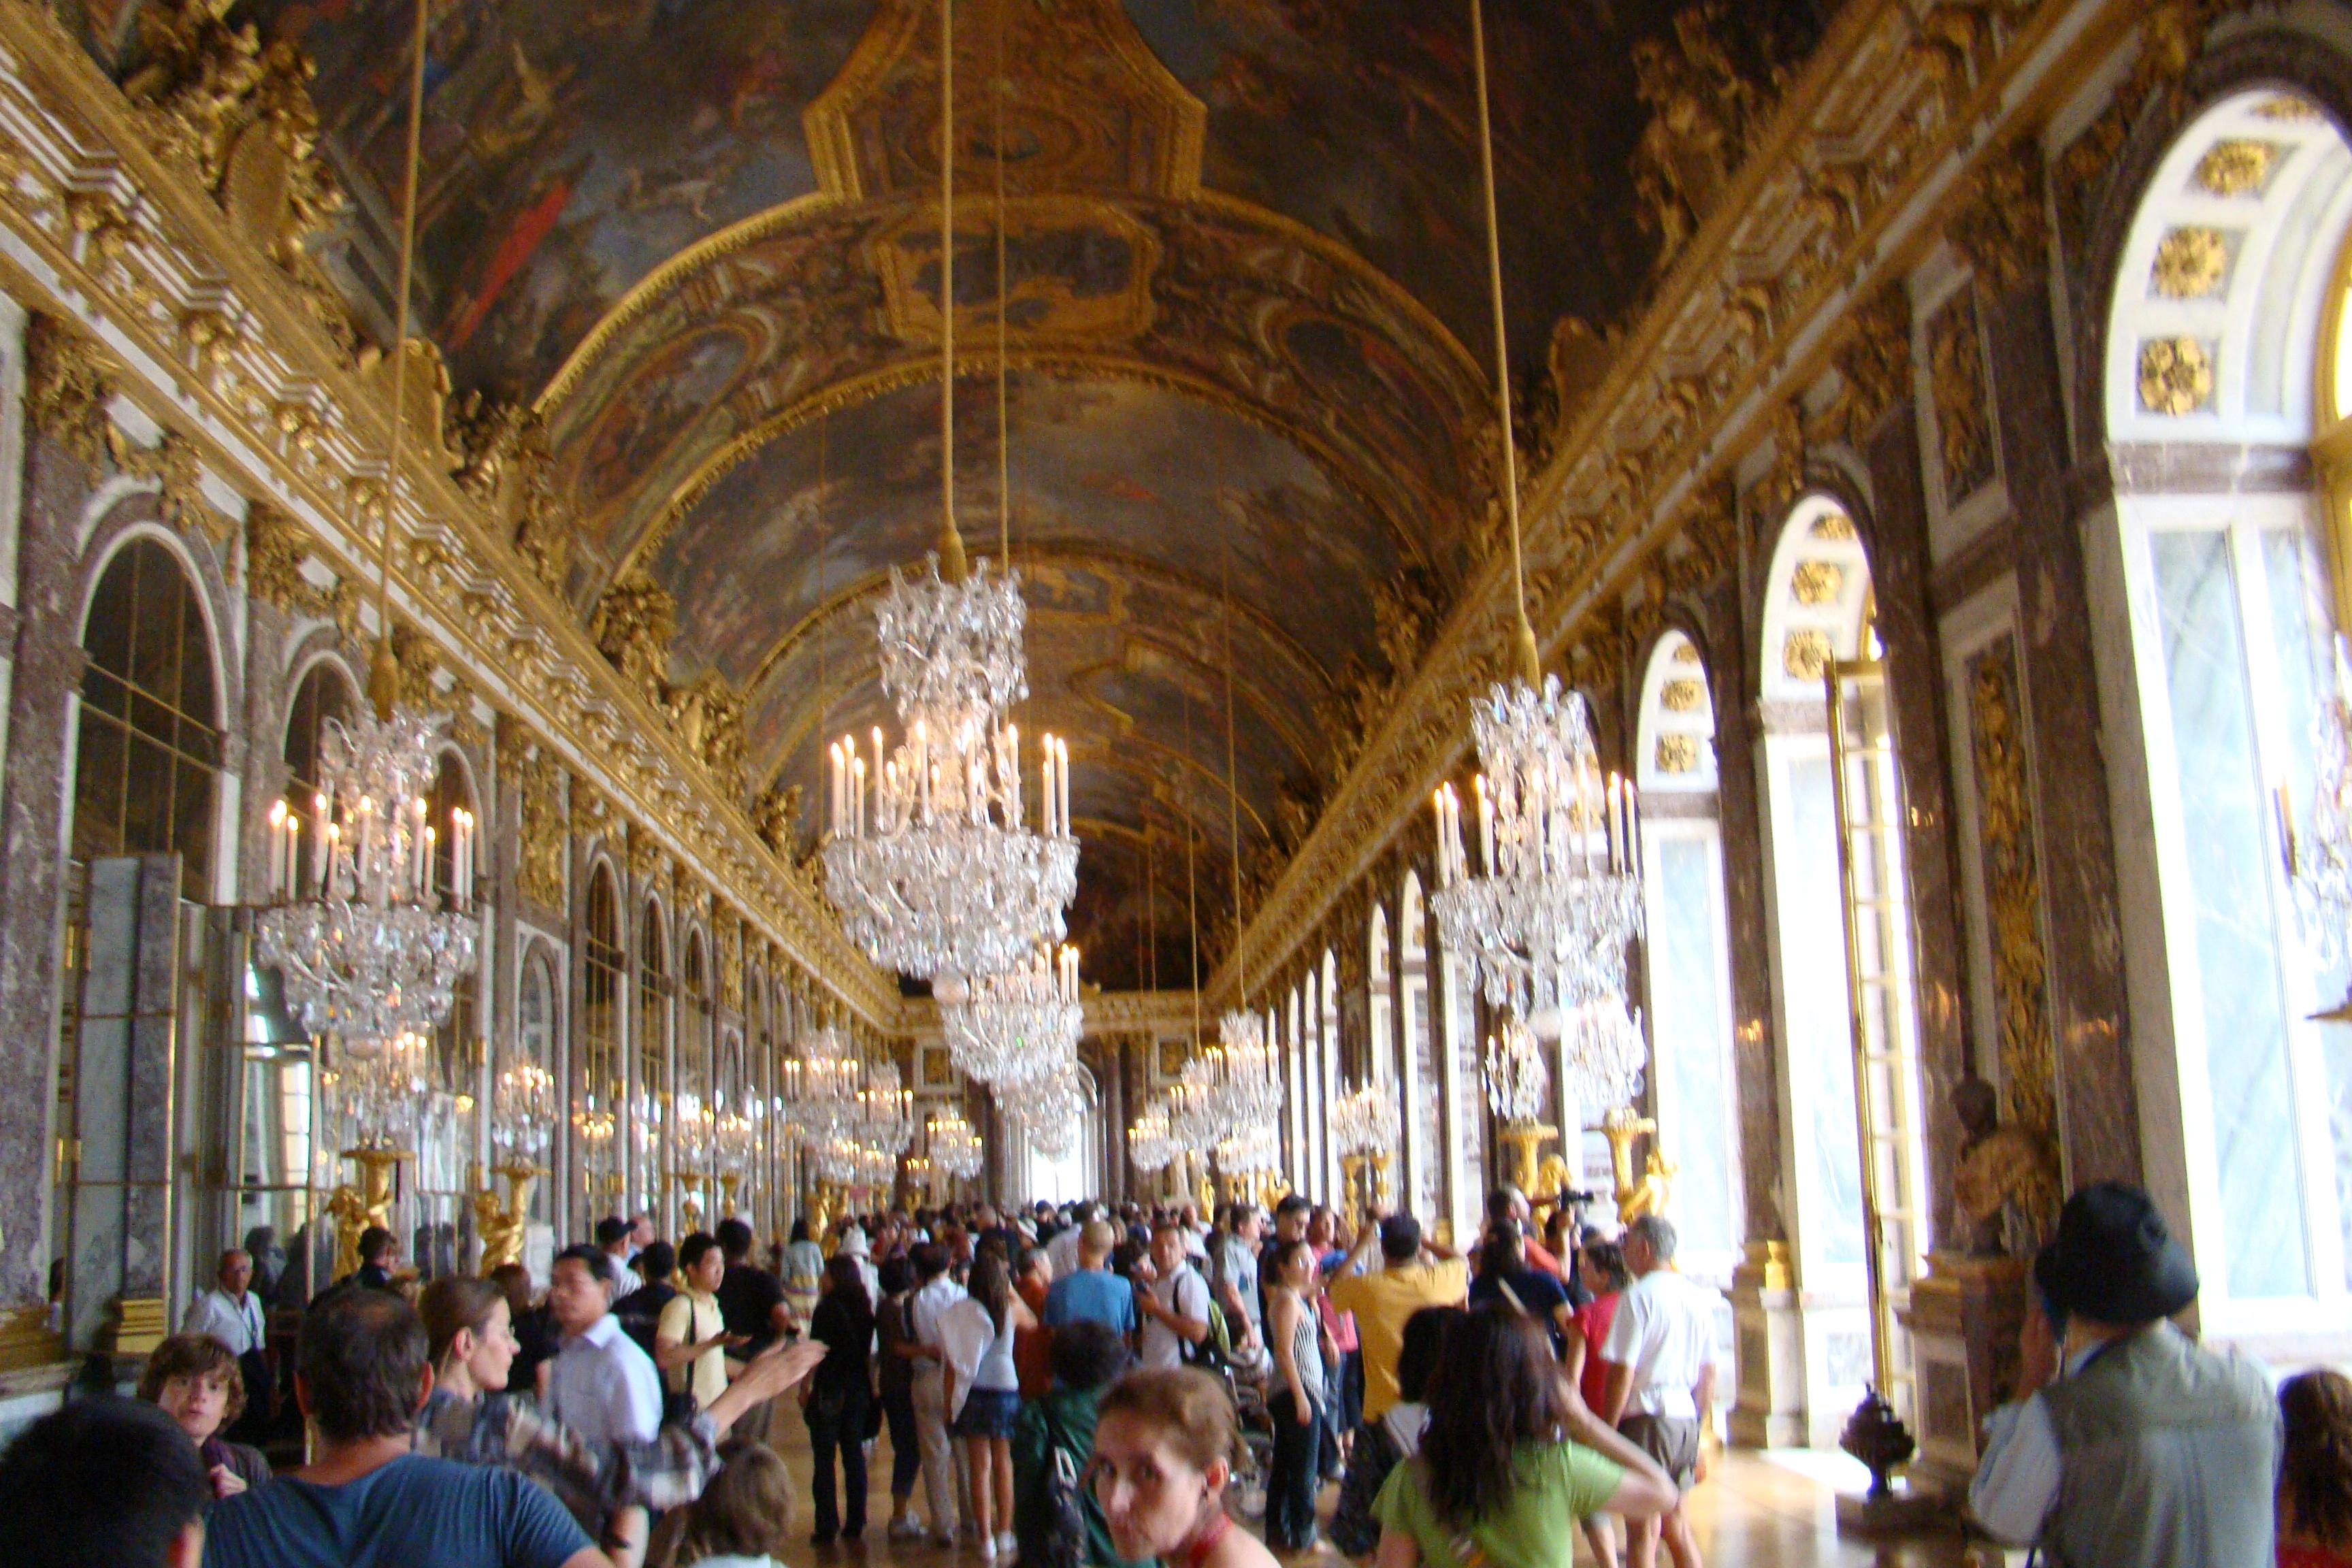 FileSala de los Espejos Palcio de Versallesjpg